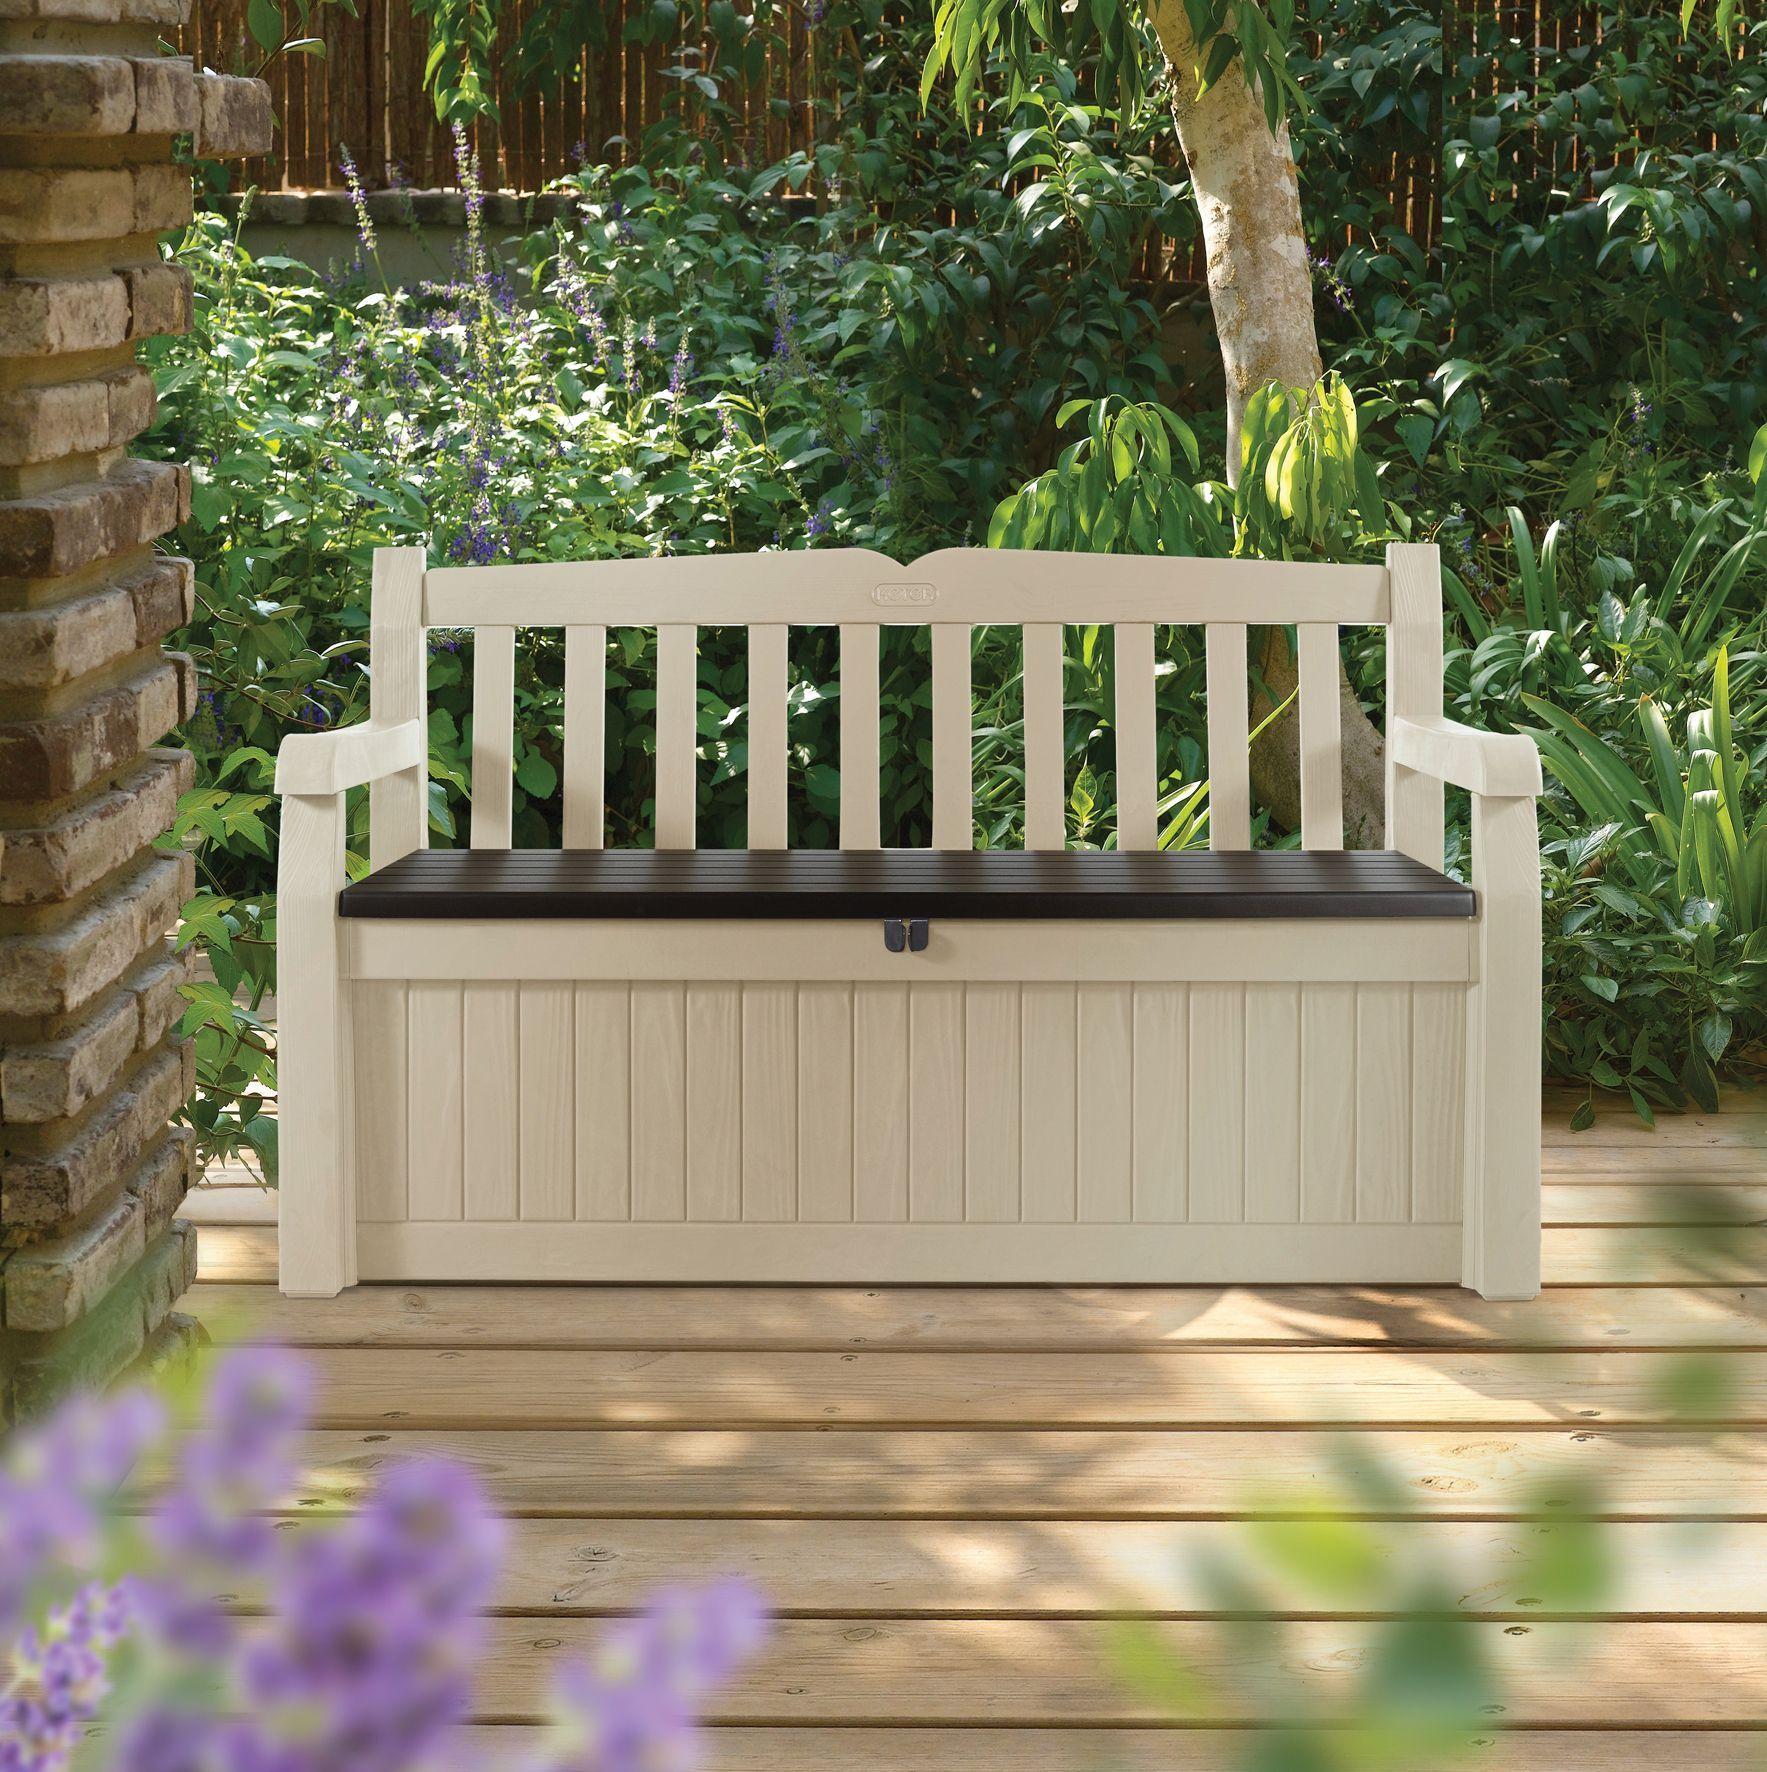 Eden Plastic Garden Storage Bench Departments Diy At B Q